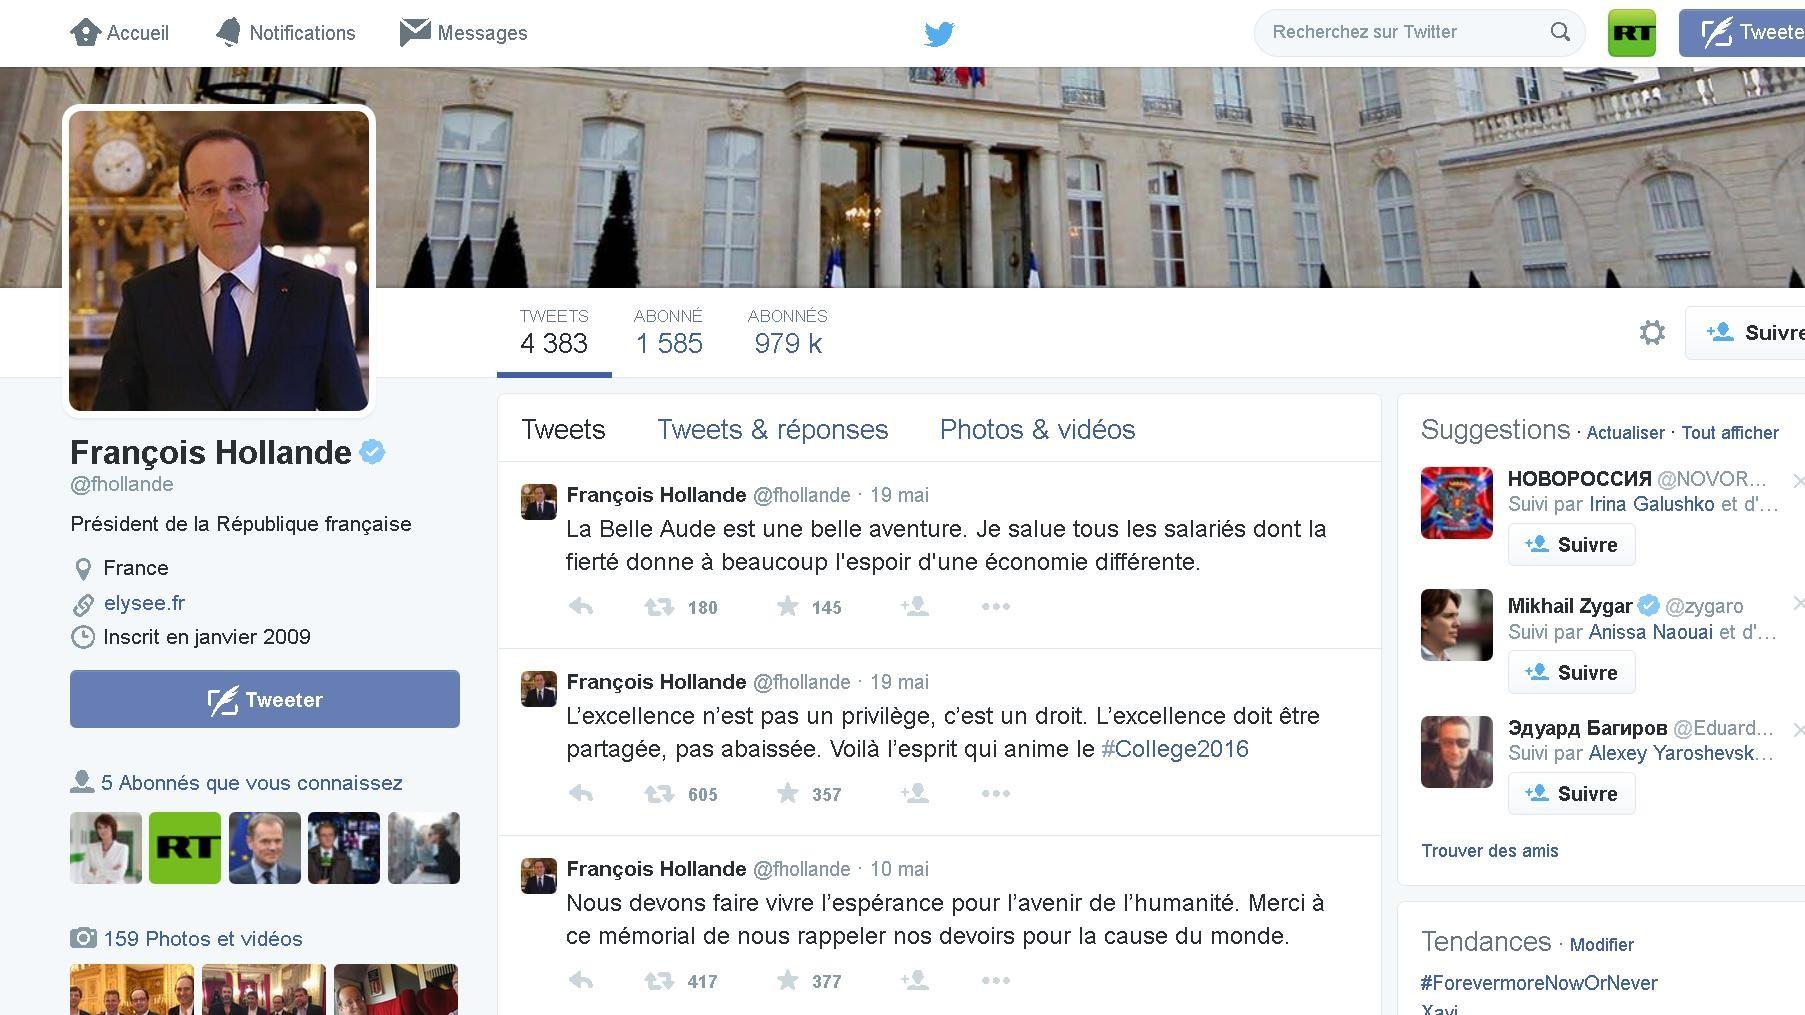 Le capture d'écran du compte de Twitter de François Hollande